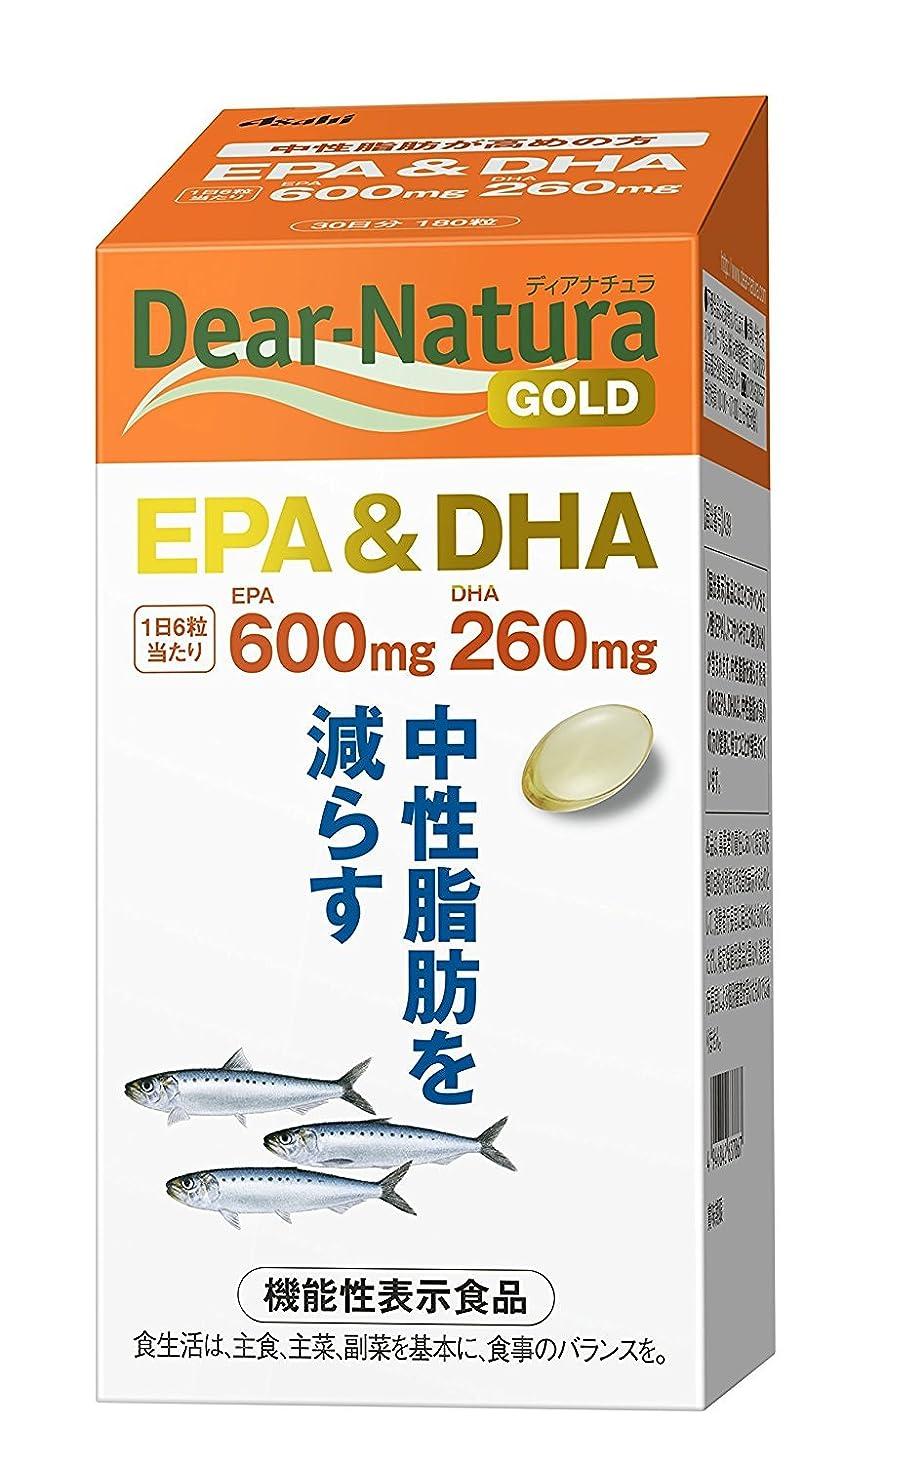 触手週末最適【210粒】ディアナチュラゴールド EPA&DHA [機能性表示食品] 30日分+5日分 (180粒+30粒) x2個 4946842637867-2